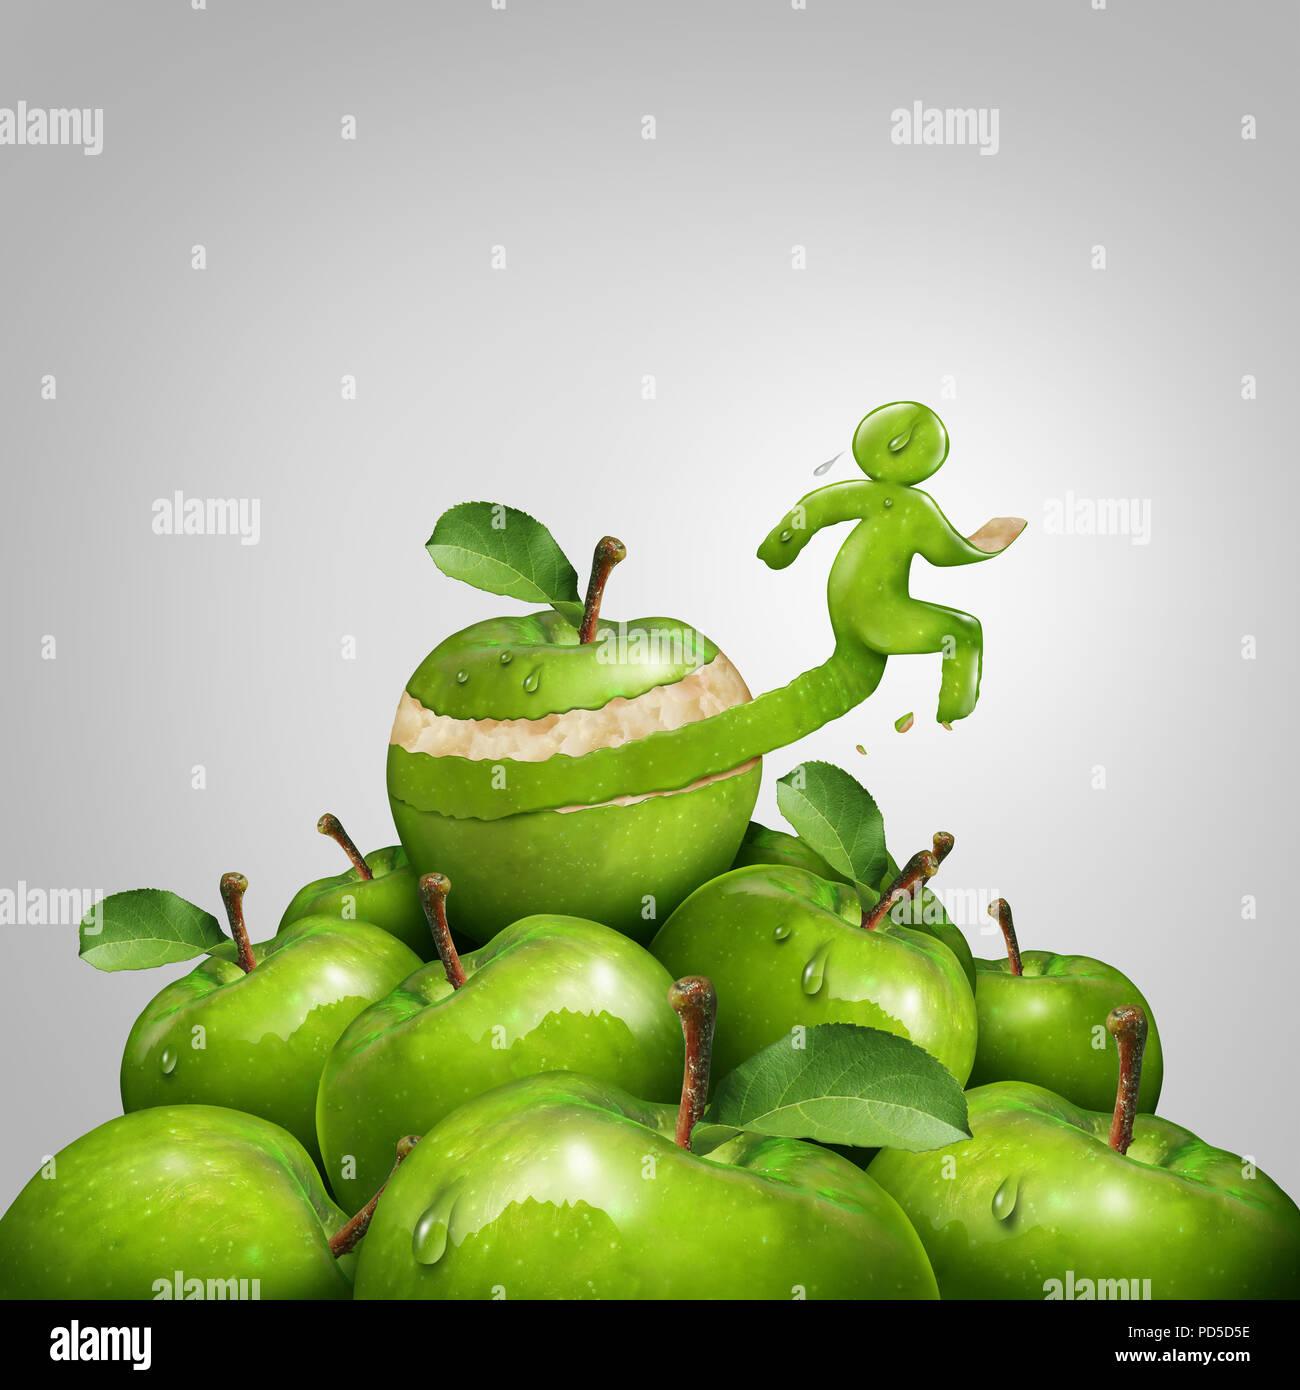 Fitness e perdita di peso concetto come una vitalità benessere idea attraverso gli esercizi e la dieta come un apple peel conformata come una guida o fare jogging persona. Immagini Stock